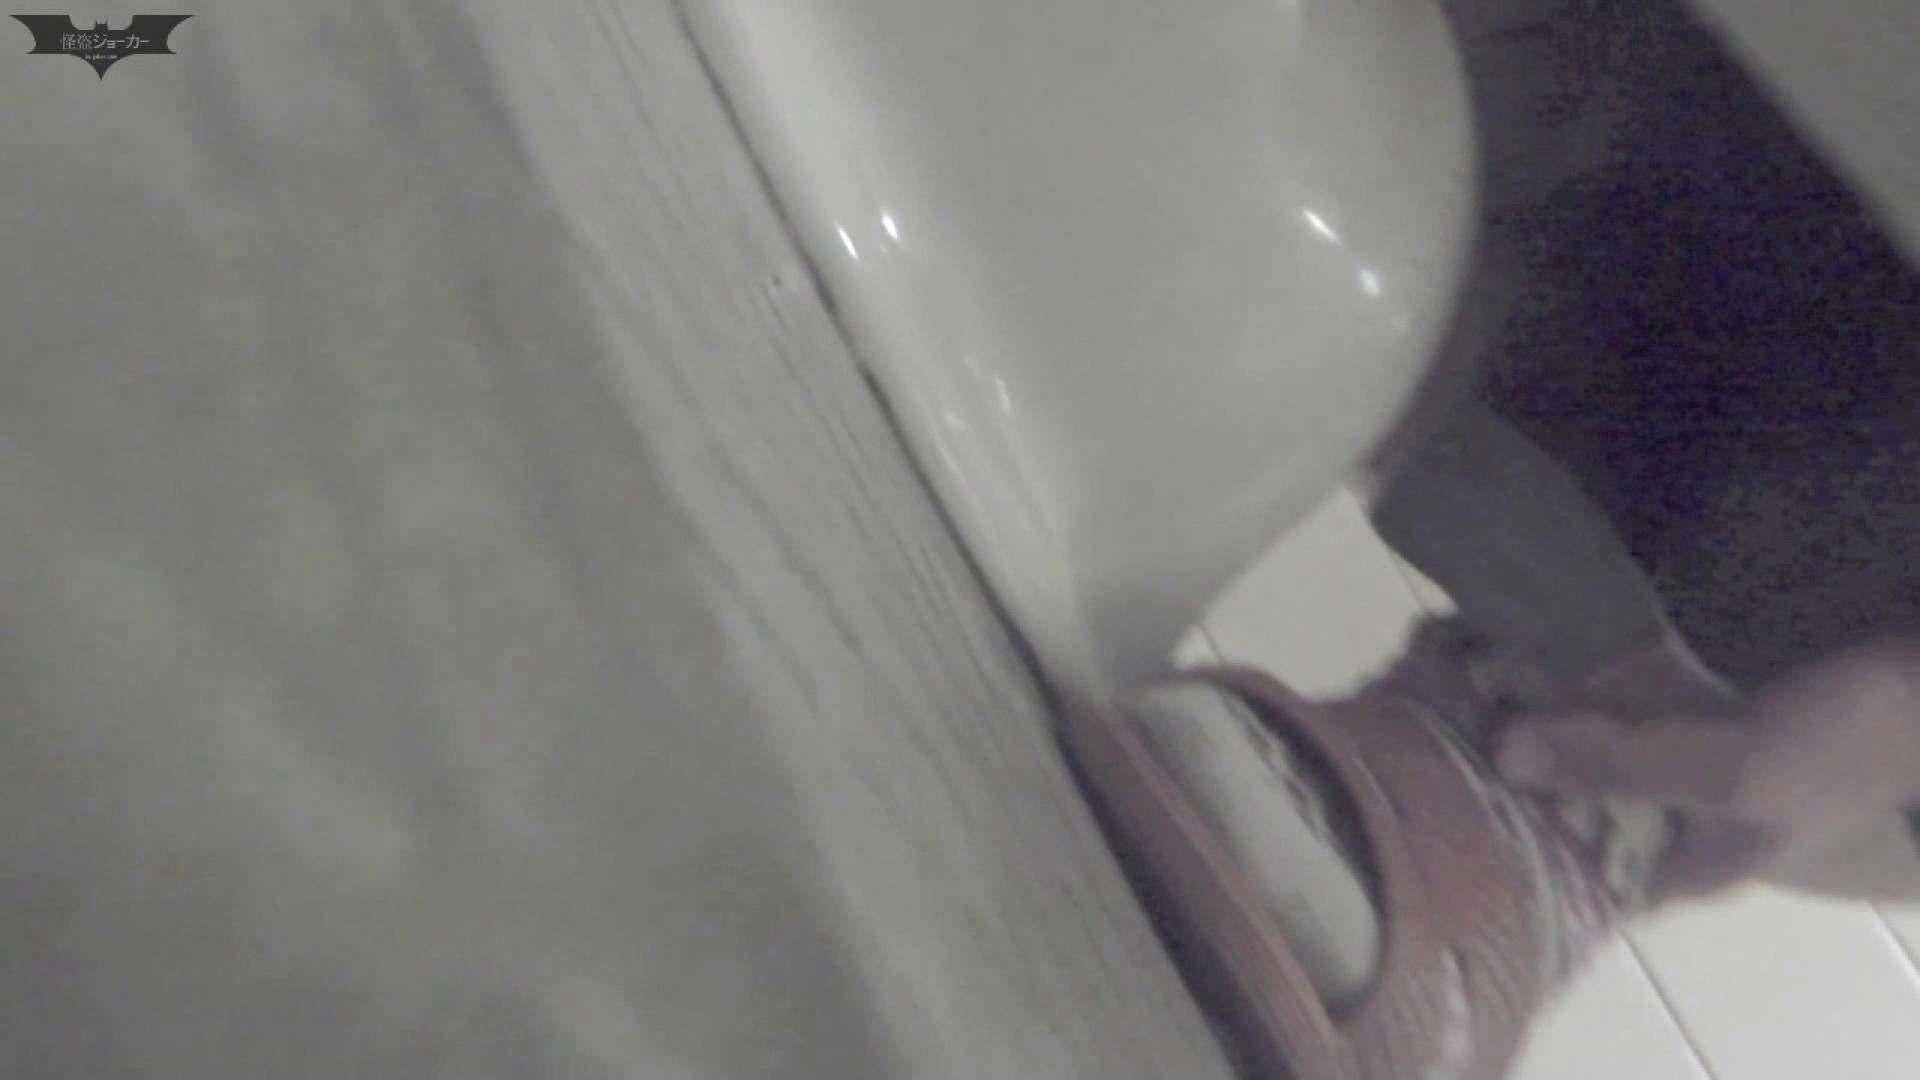 【期間・個数限定配信】 マンコ丸見え!第三体育館潜入撮File001 マンコ   期間限定  94連発 51